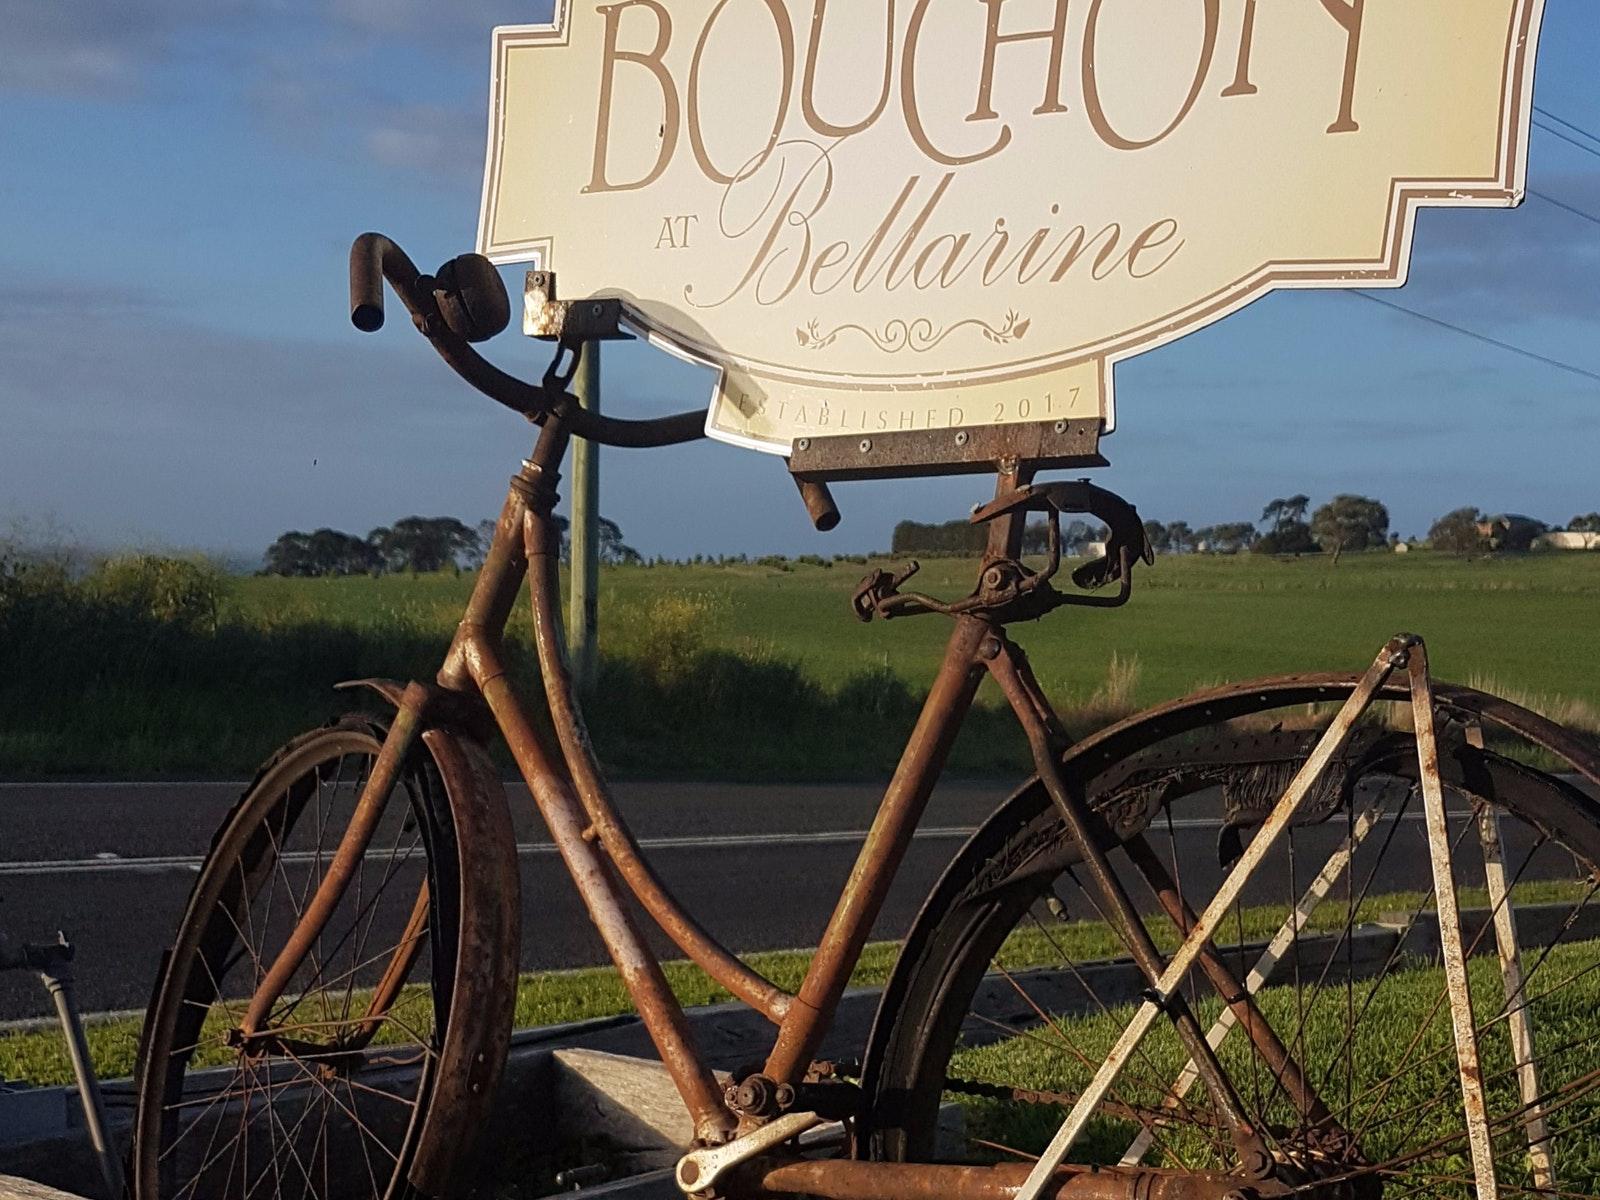 Bouchon at Bellarine